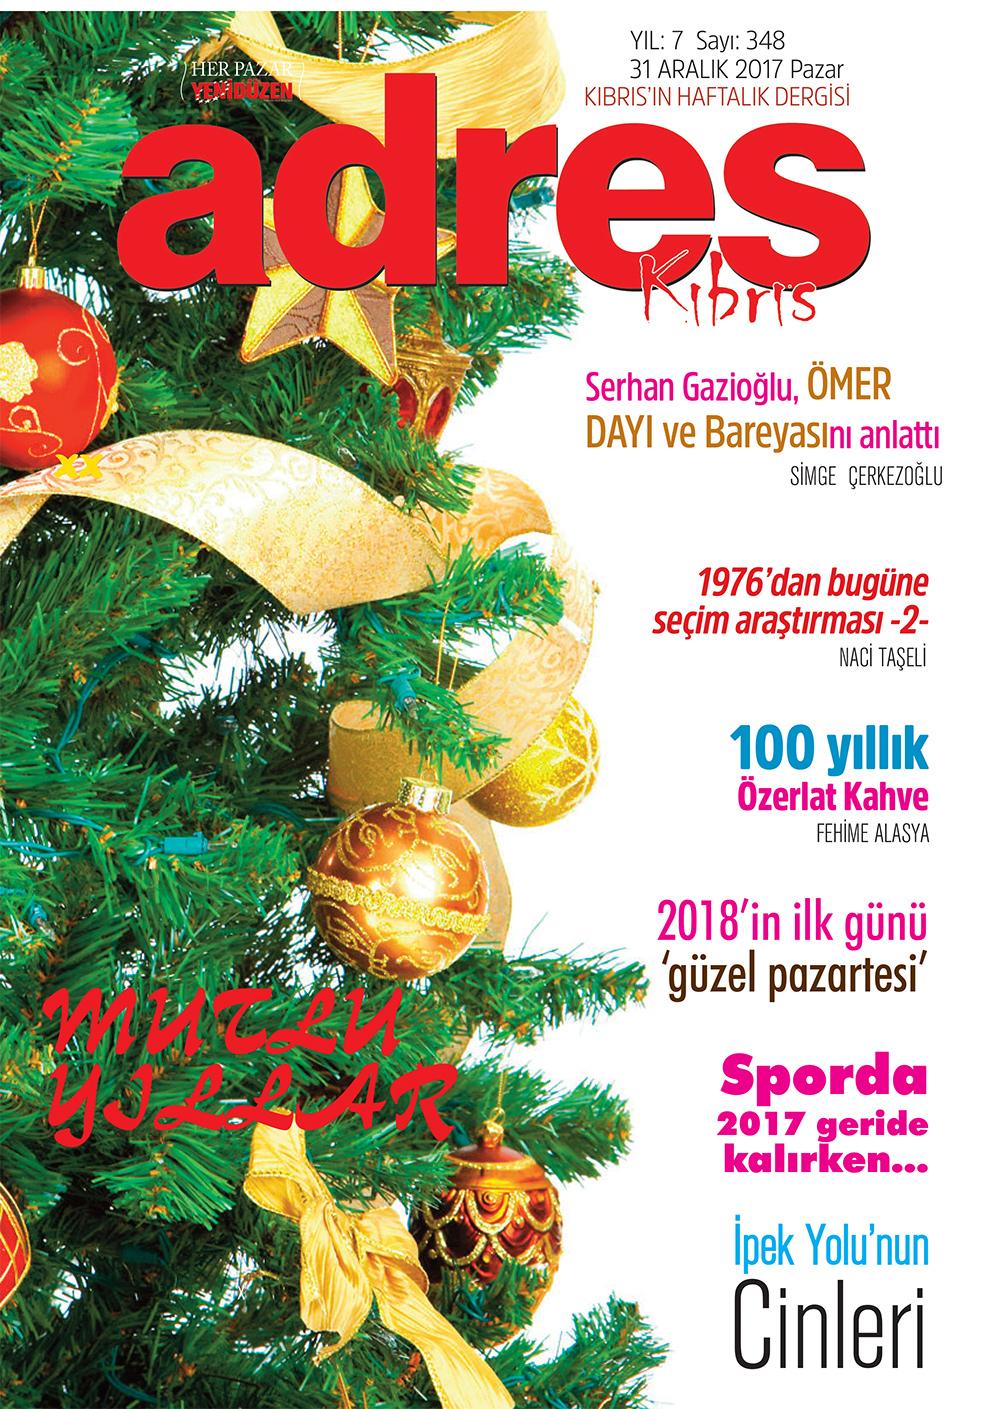 Adres Kıbrıs 348 Sayısı